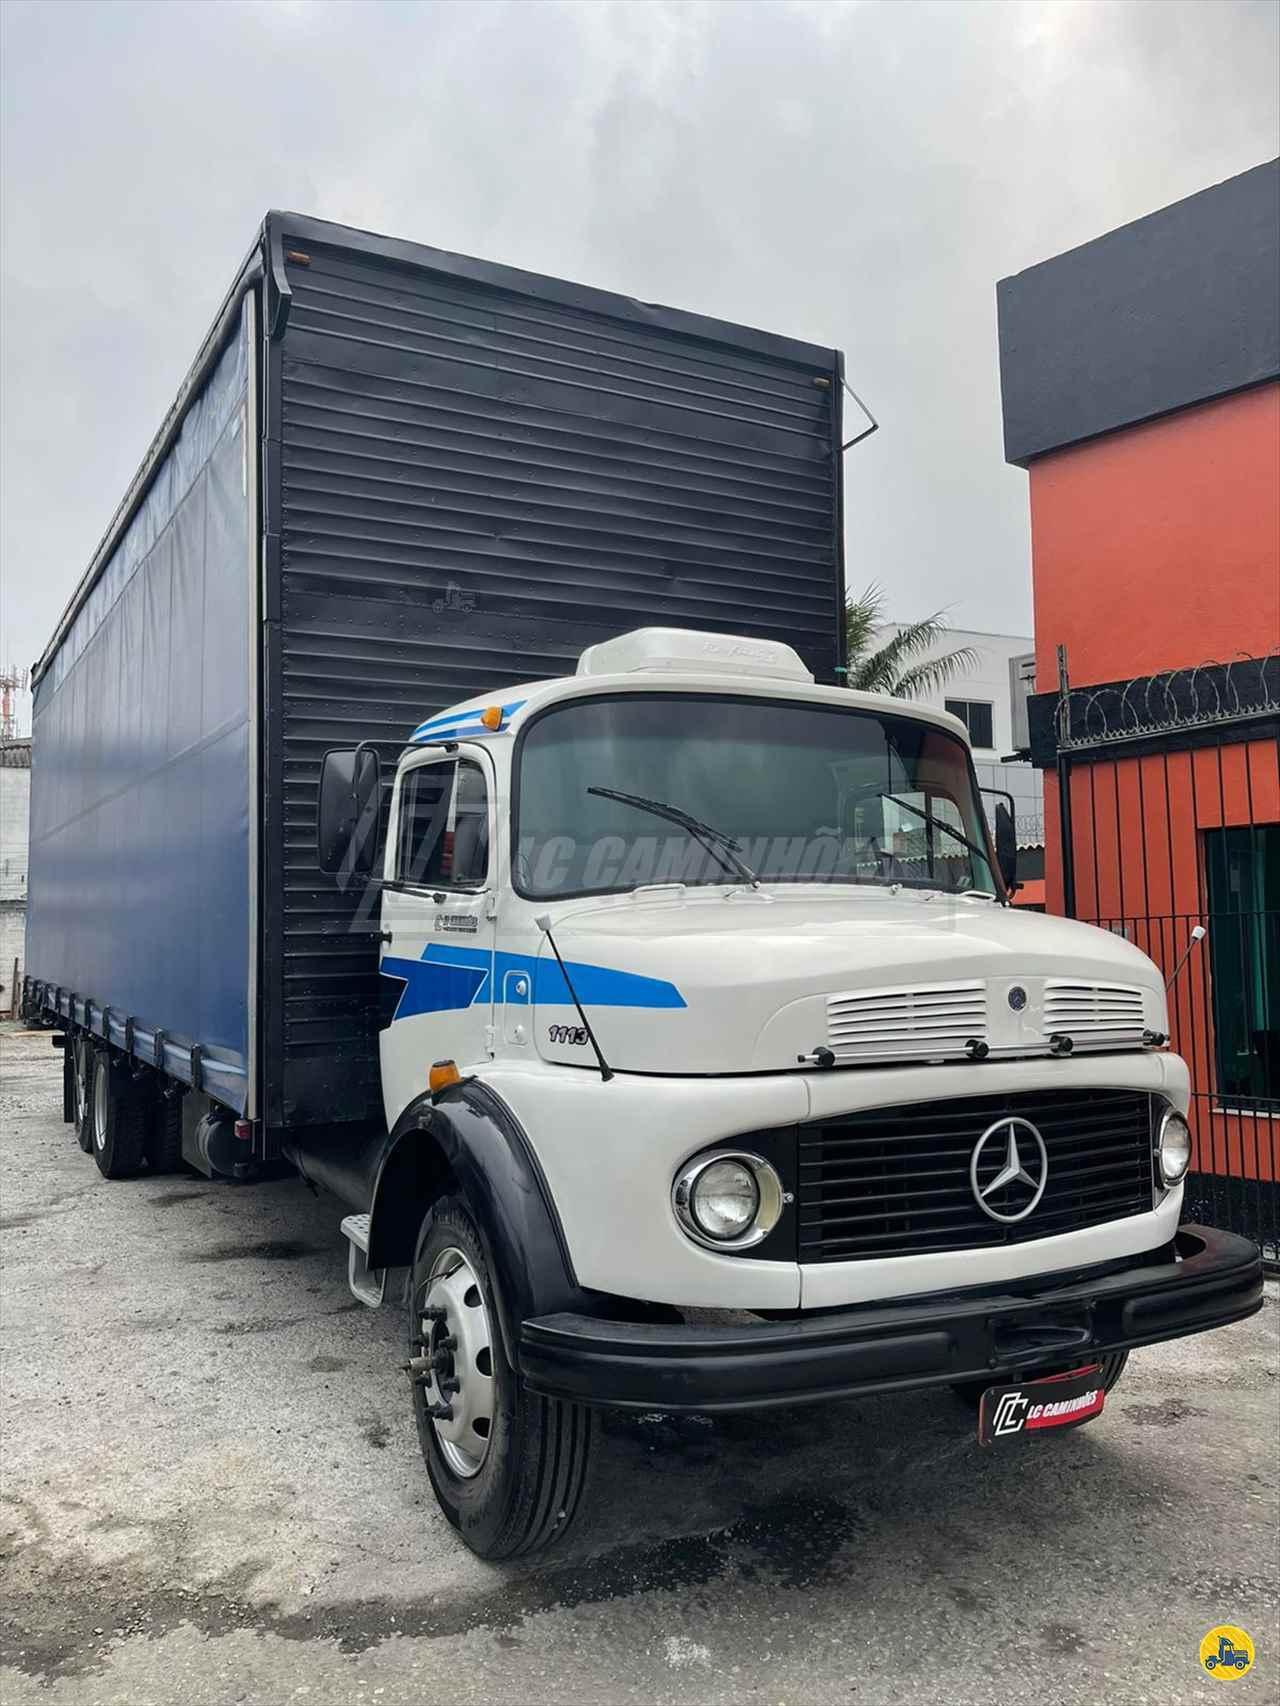 CAMINHAO MERCEDES-BENZ MB 1113 Baú Furgão Truck 6x2 LC Caminhões SAO PAULO SÃO PAULO SP